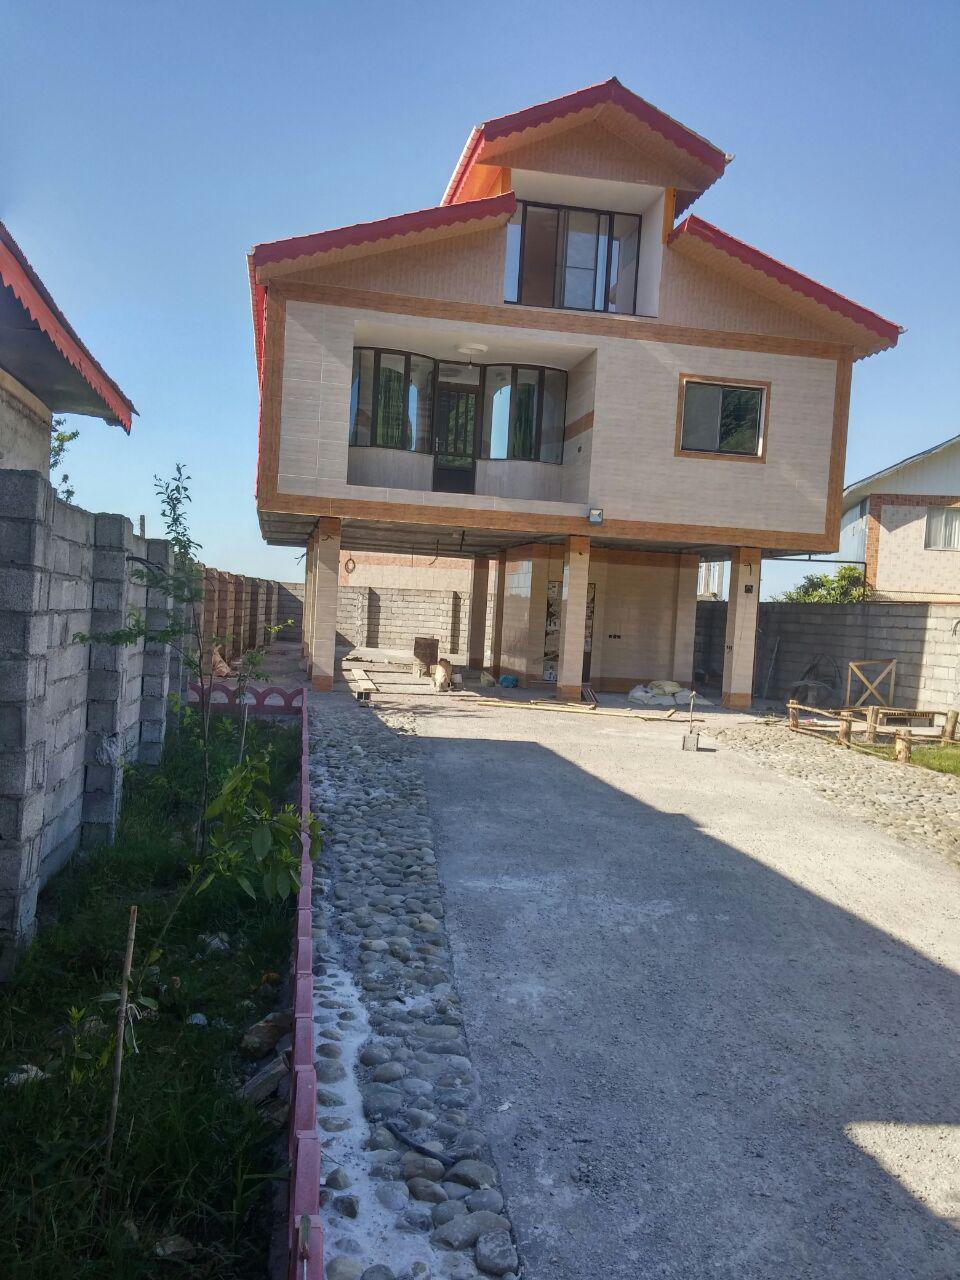 فروش ویلا با سند مساحت ۳۲۰ متر لاهیجان